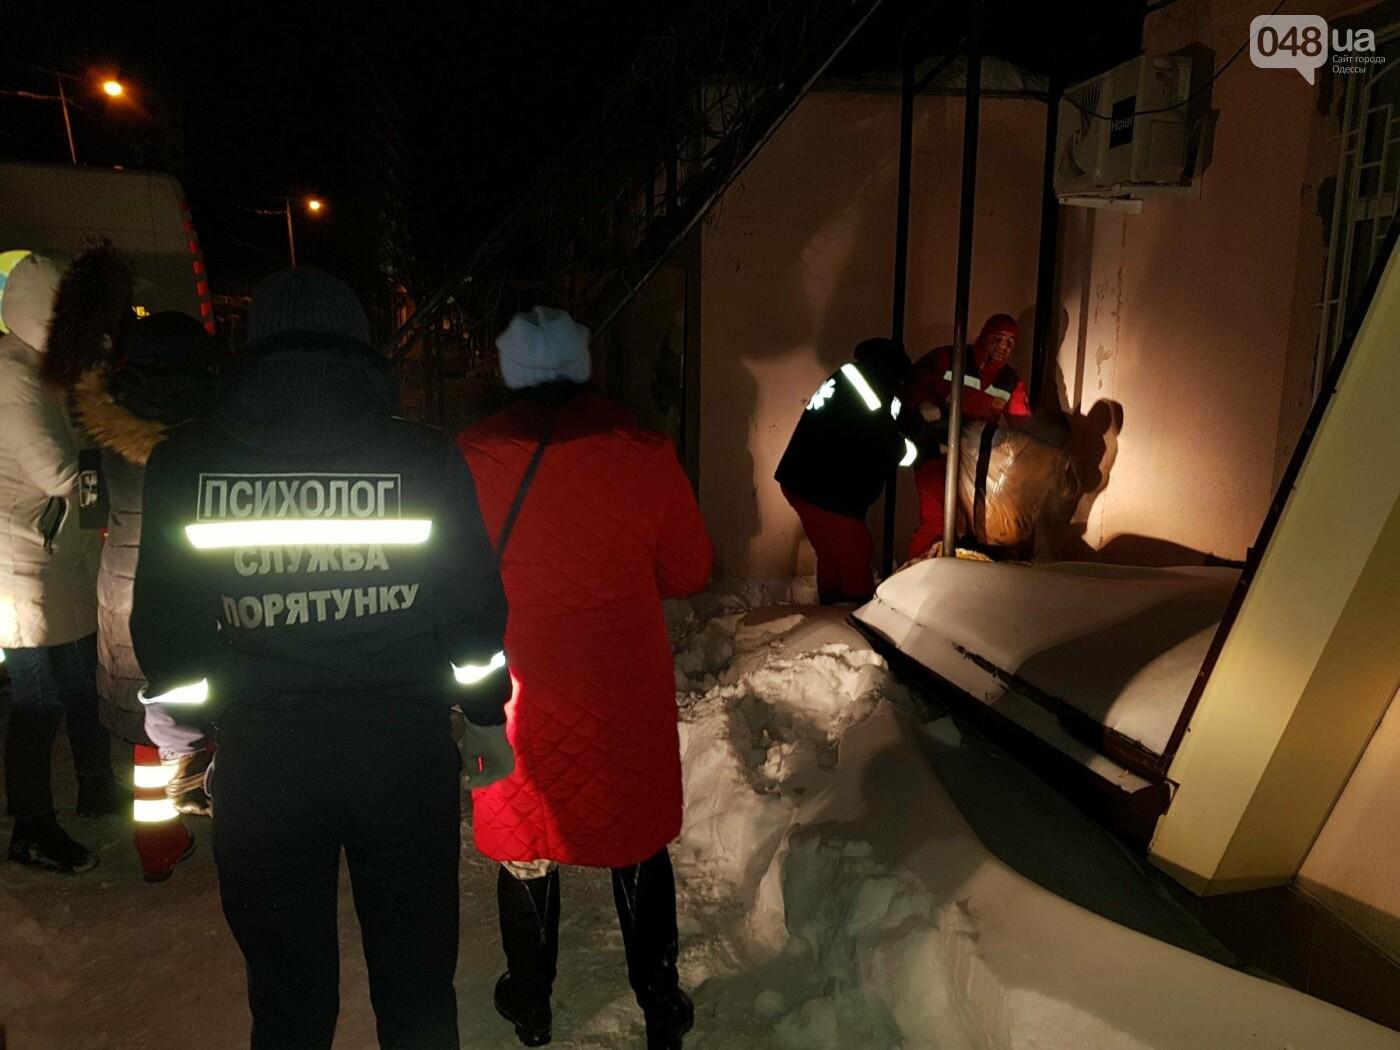 В Одессе на улице спасли замерзающего бездомного, фото-1